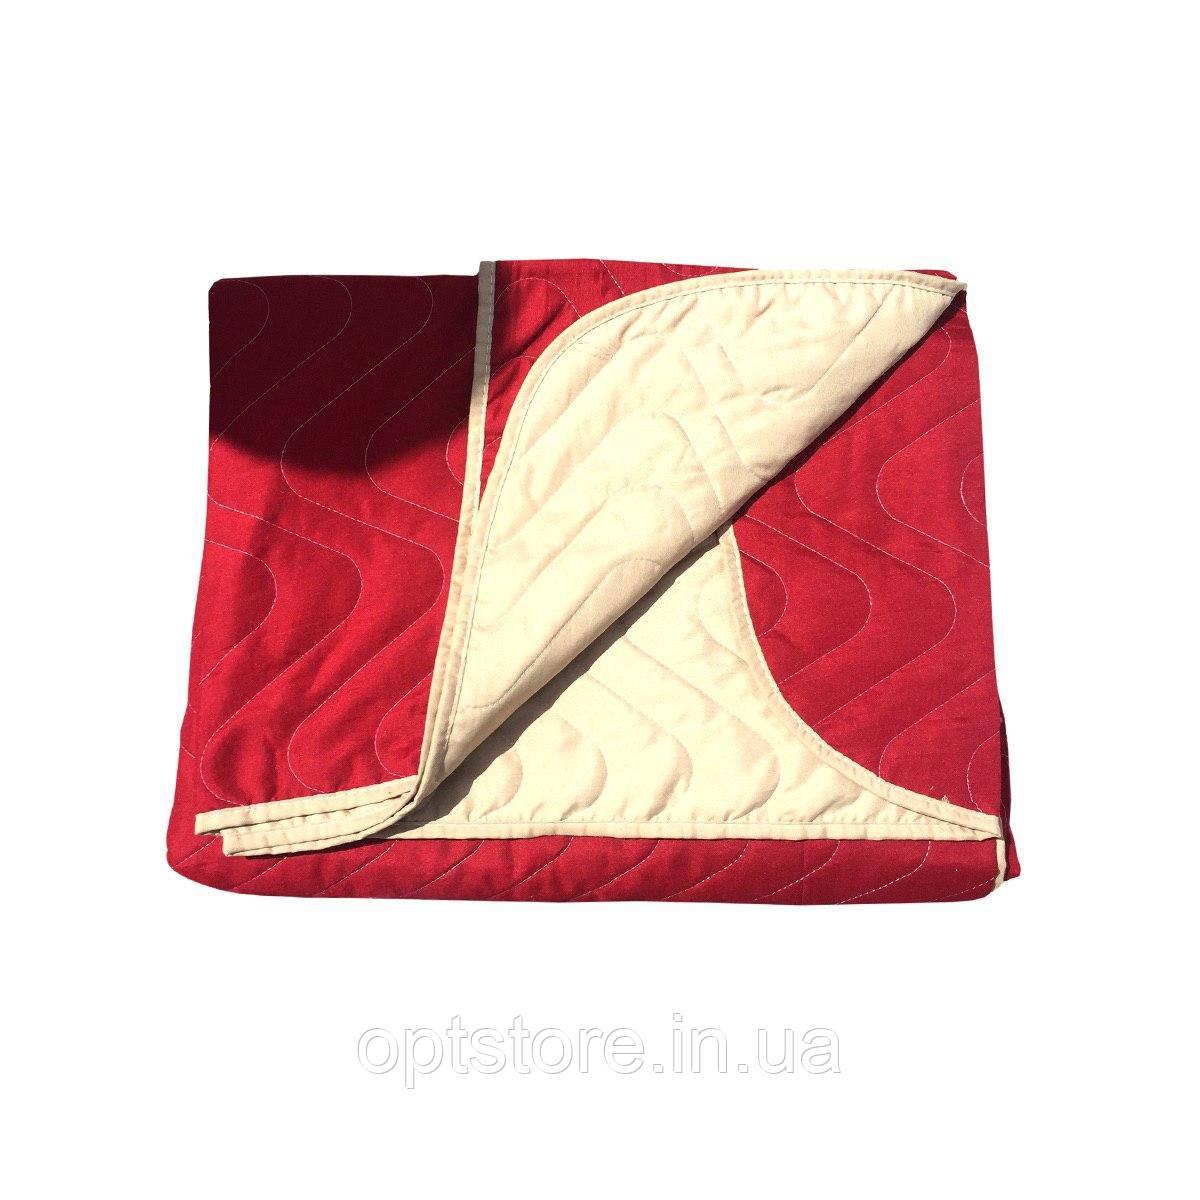 """""""Двокольорове"""" Літній ковдра-покривало двоспальний розмір 180/210 см, наповнювач: холофайбер. Тканина:бязь."""